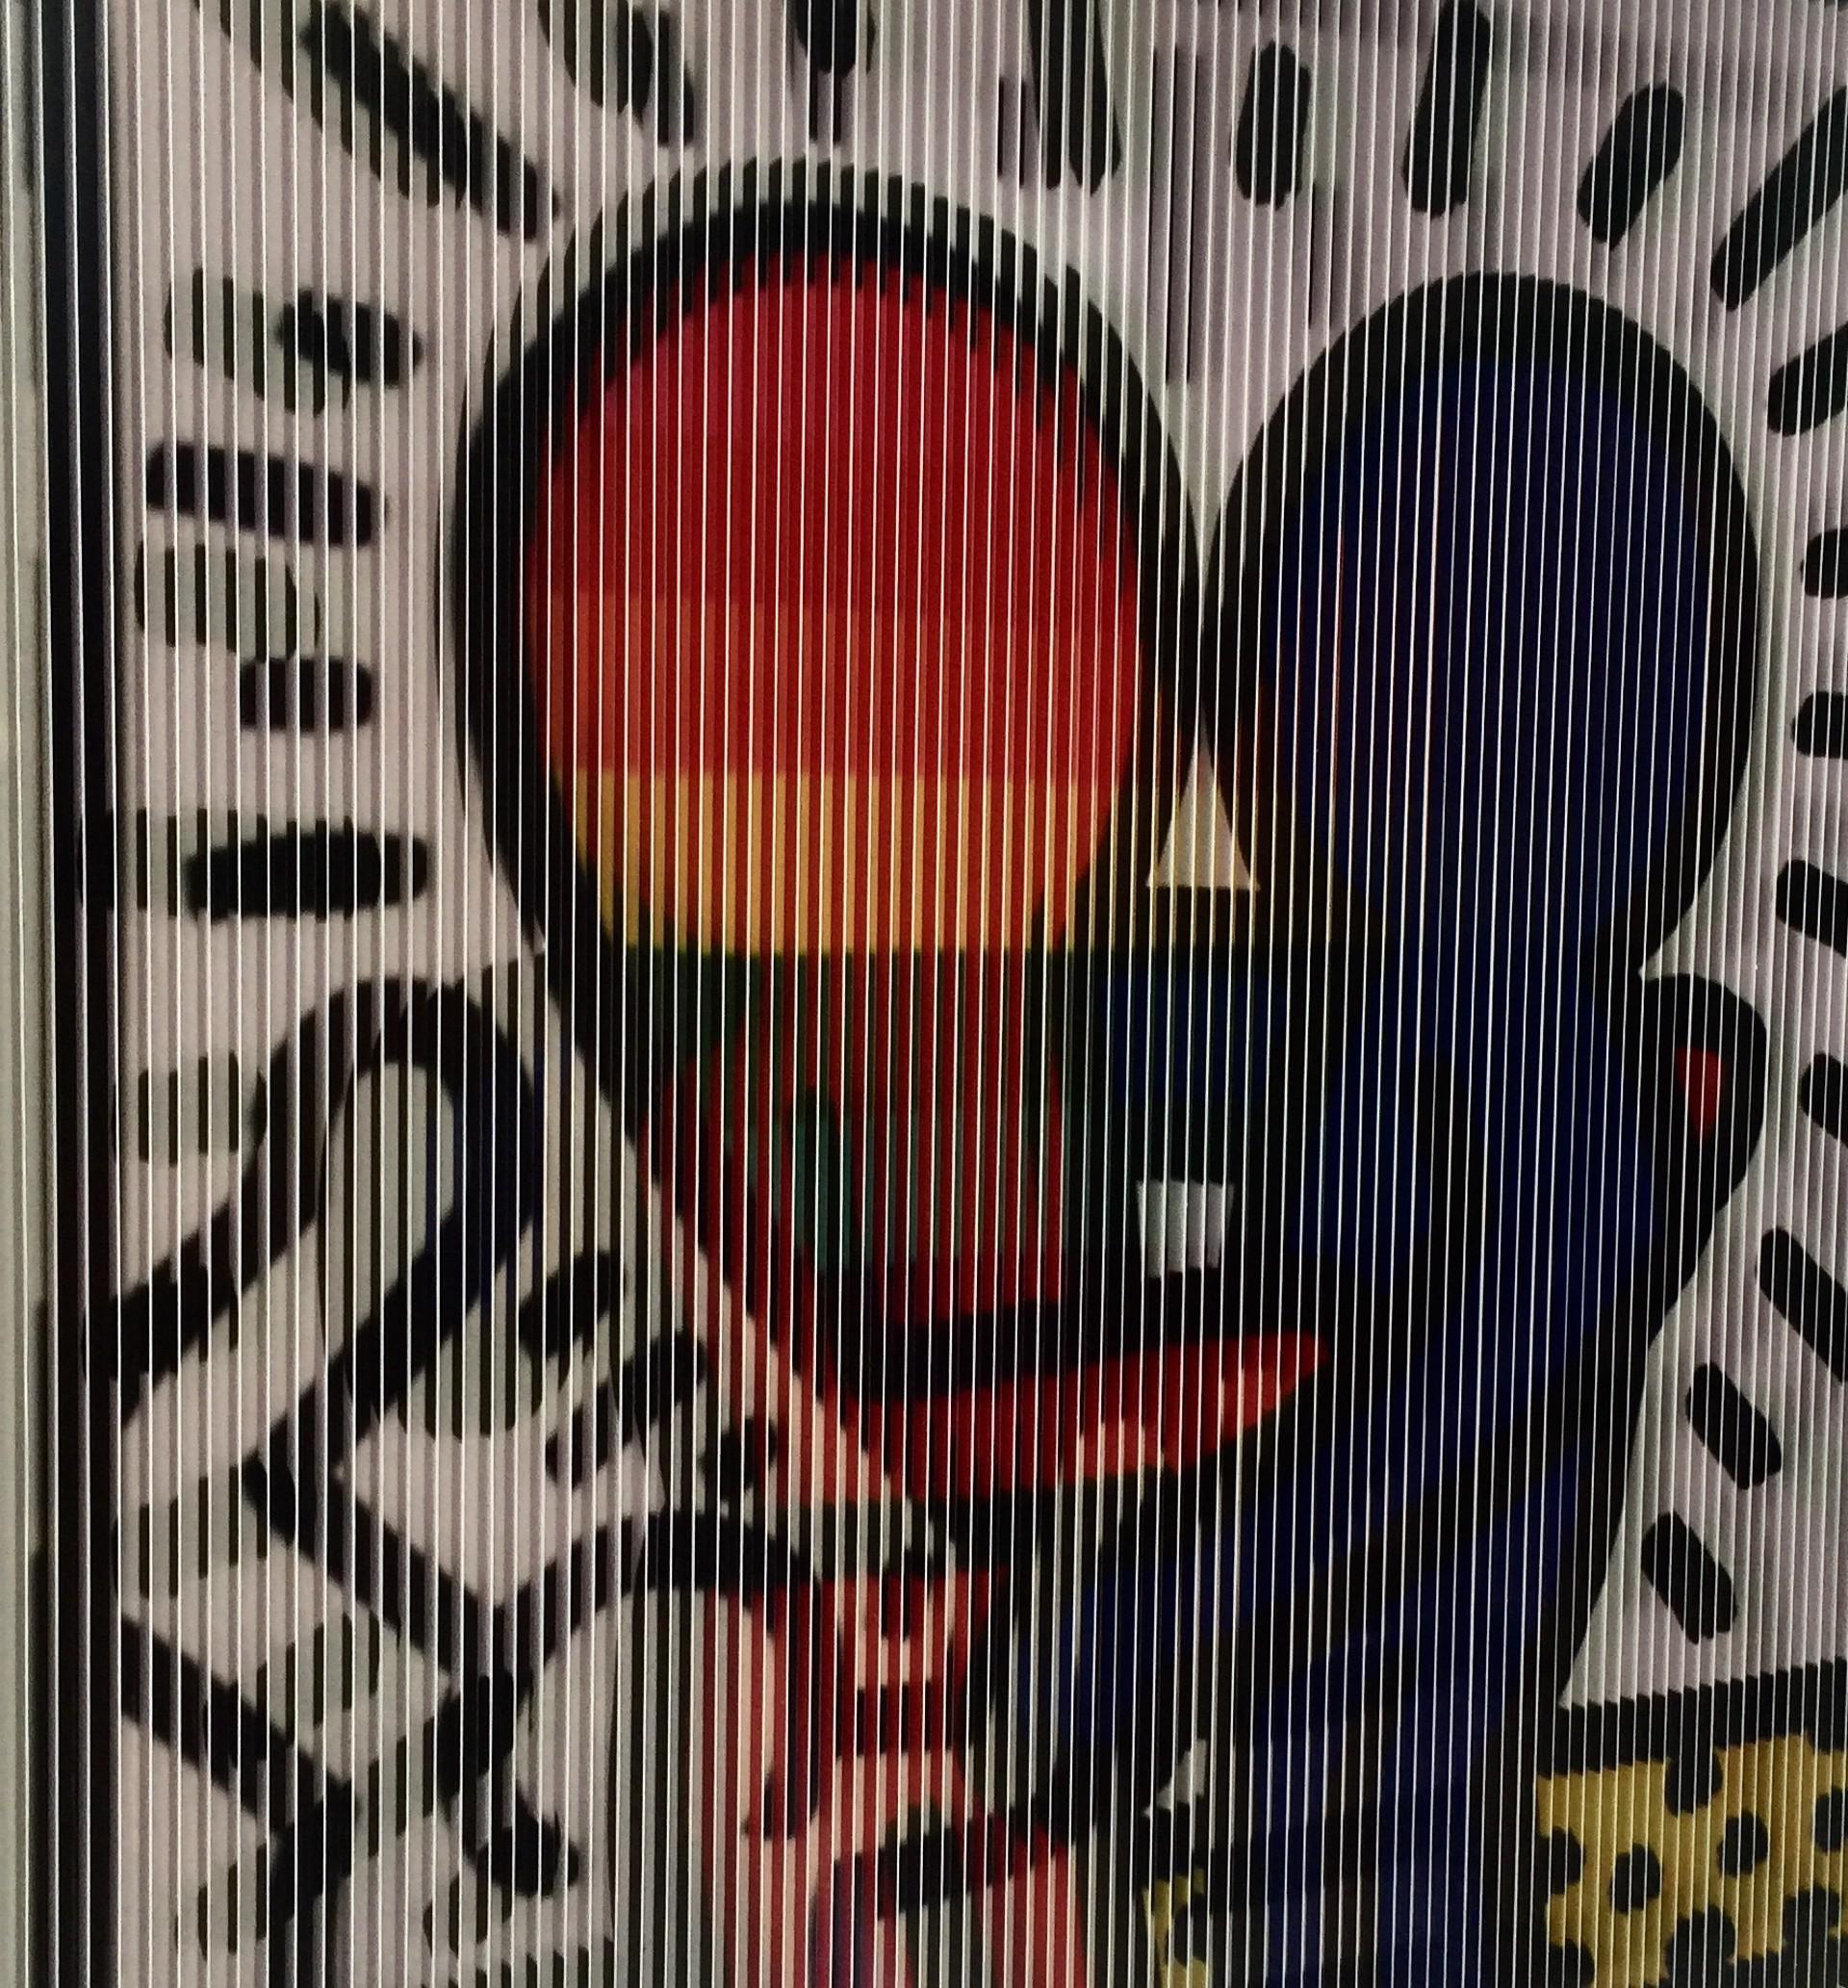 Love Cares by Efi Mashiah